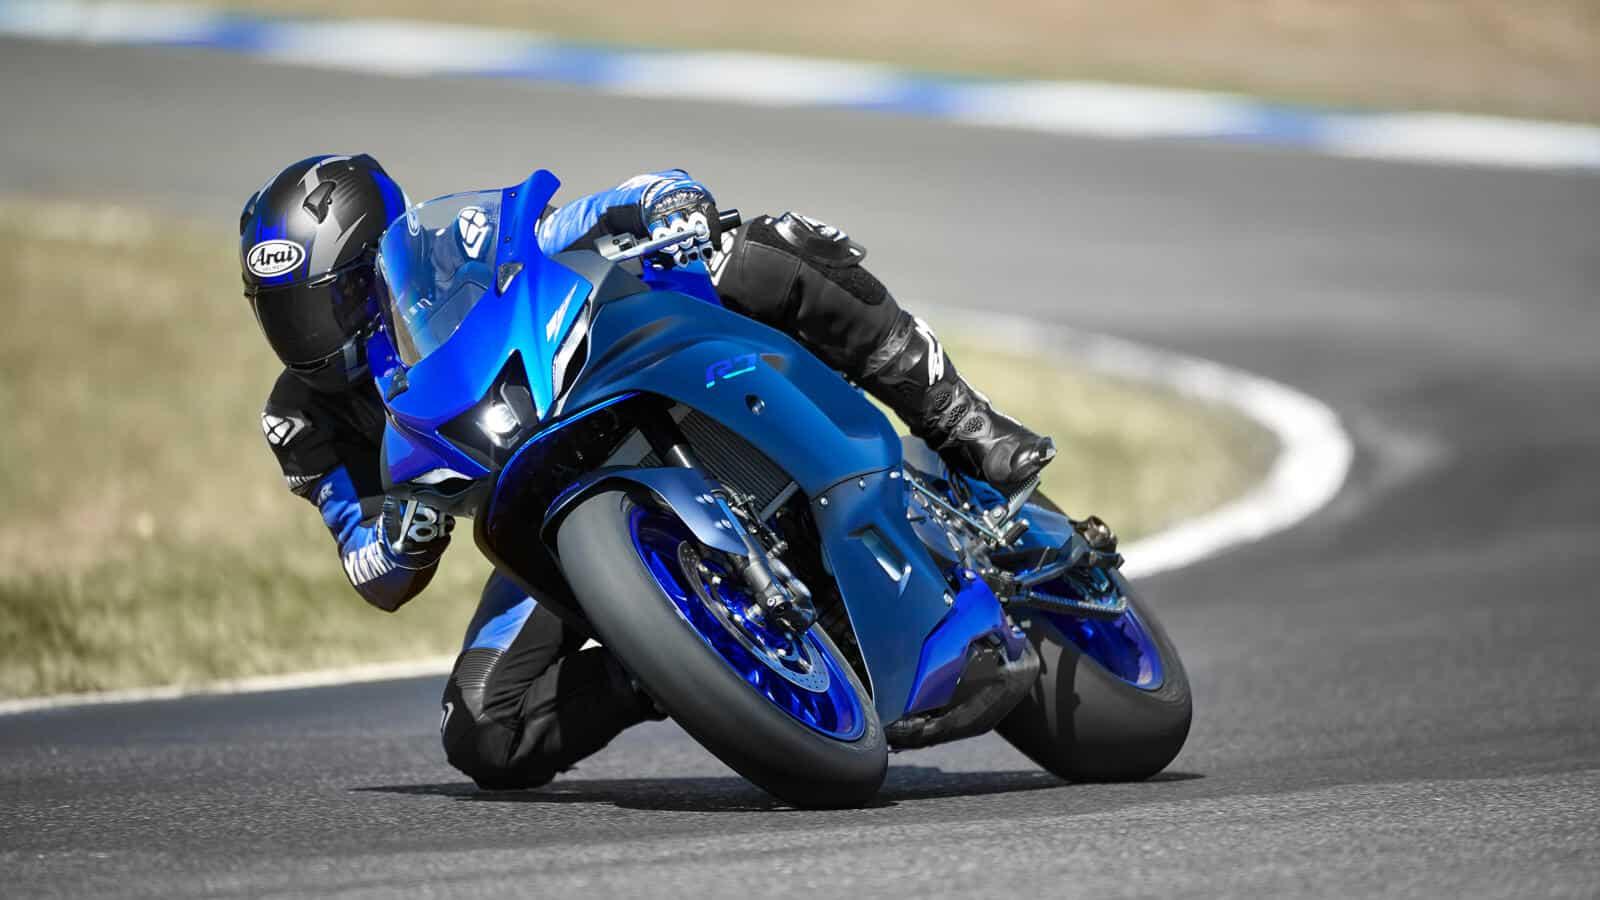 2021 Yamaha R7